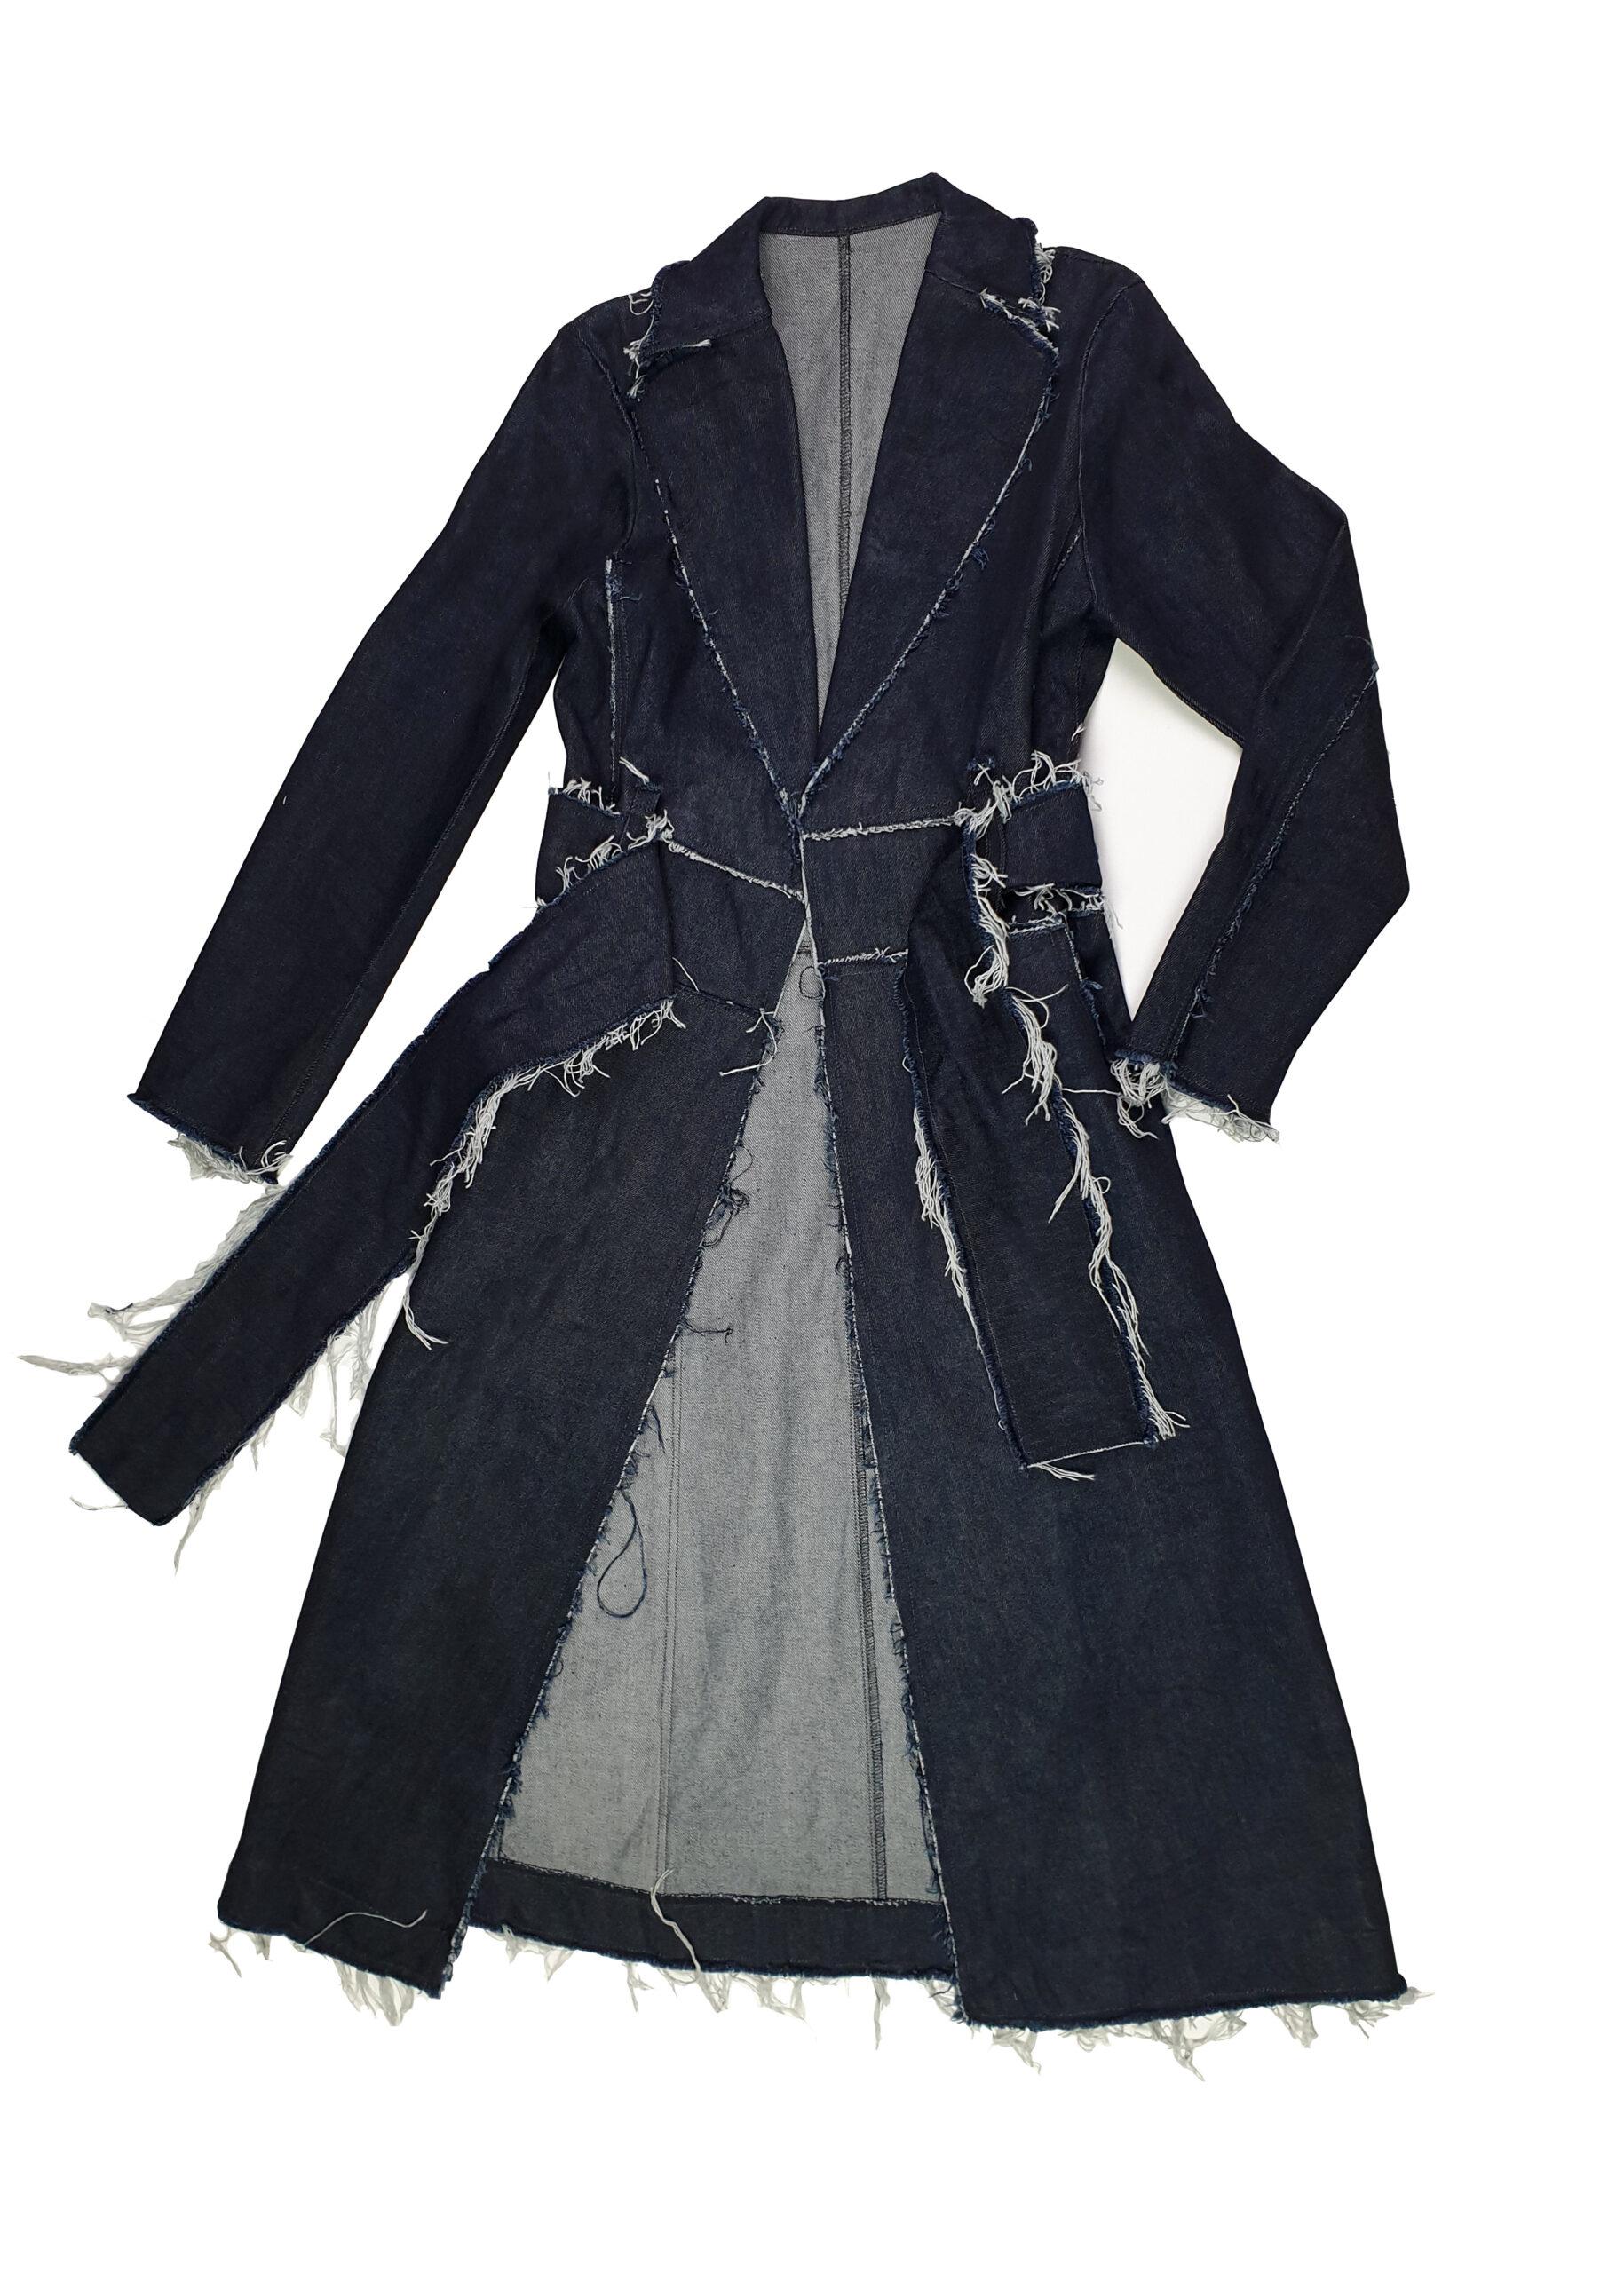 The Fray Jacket